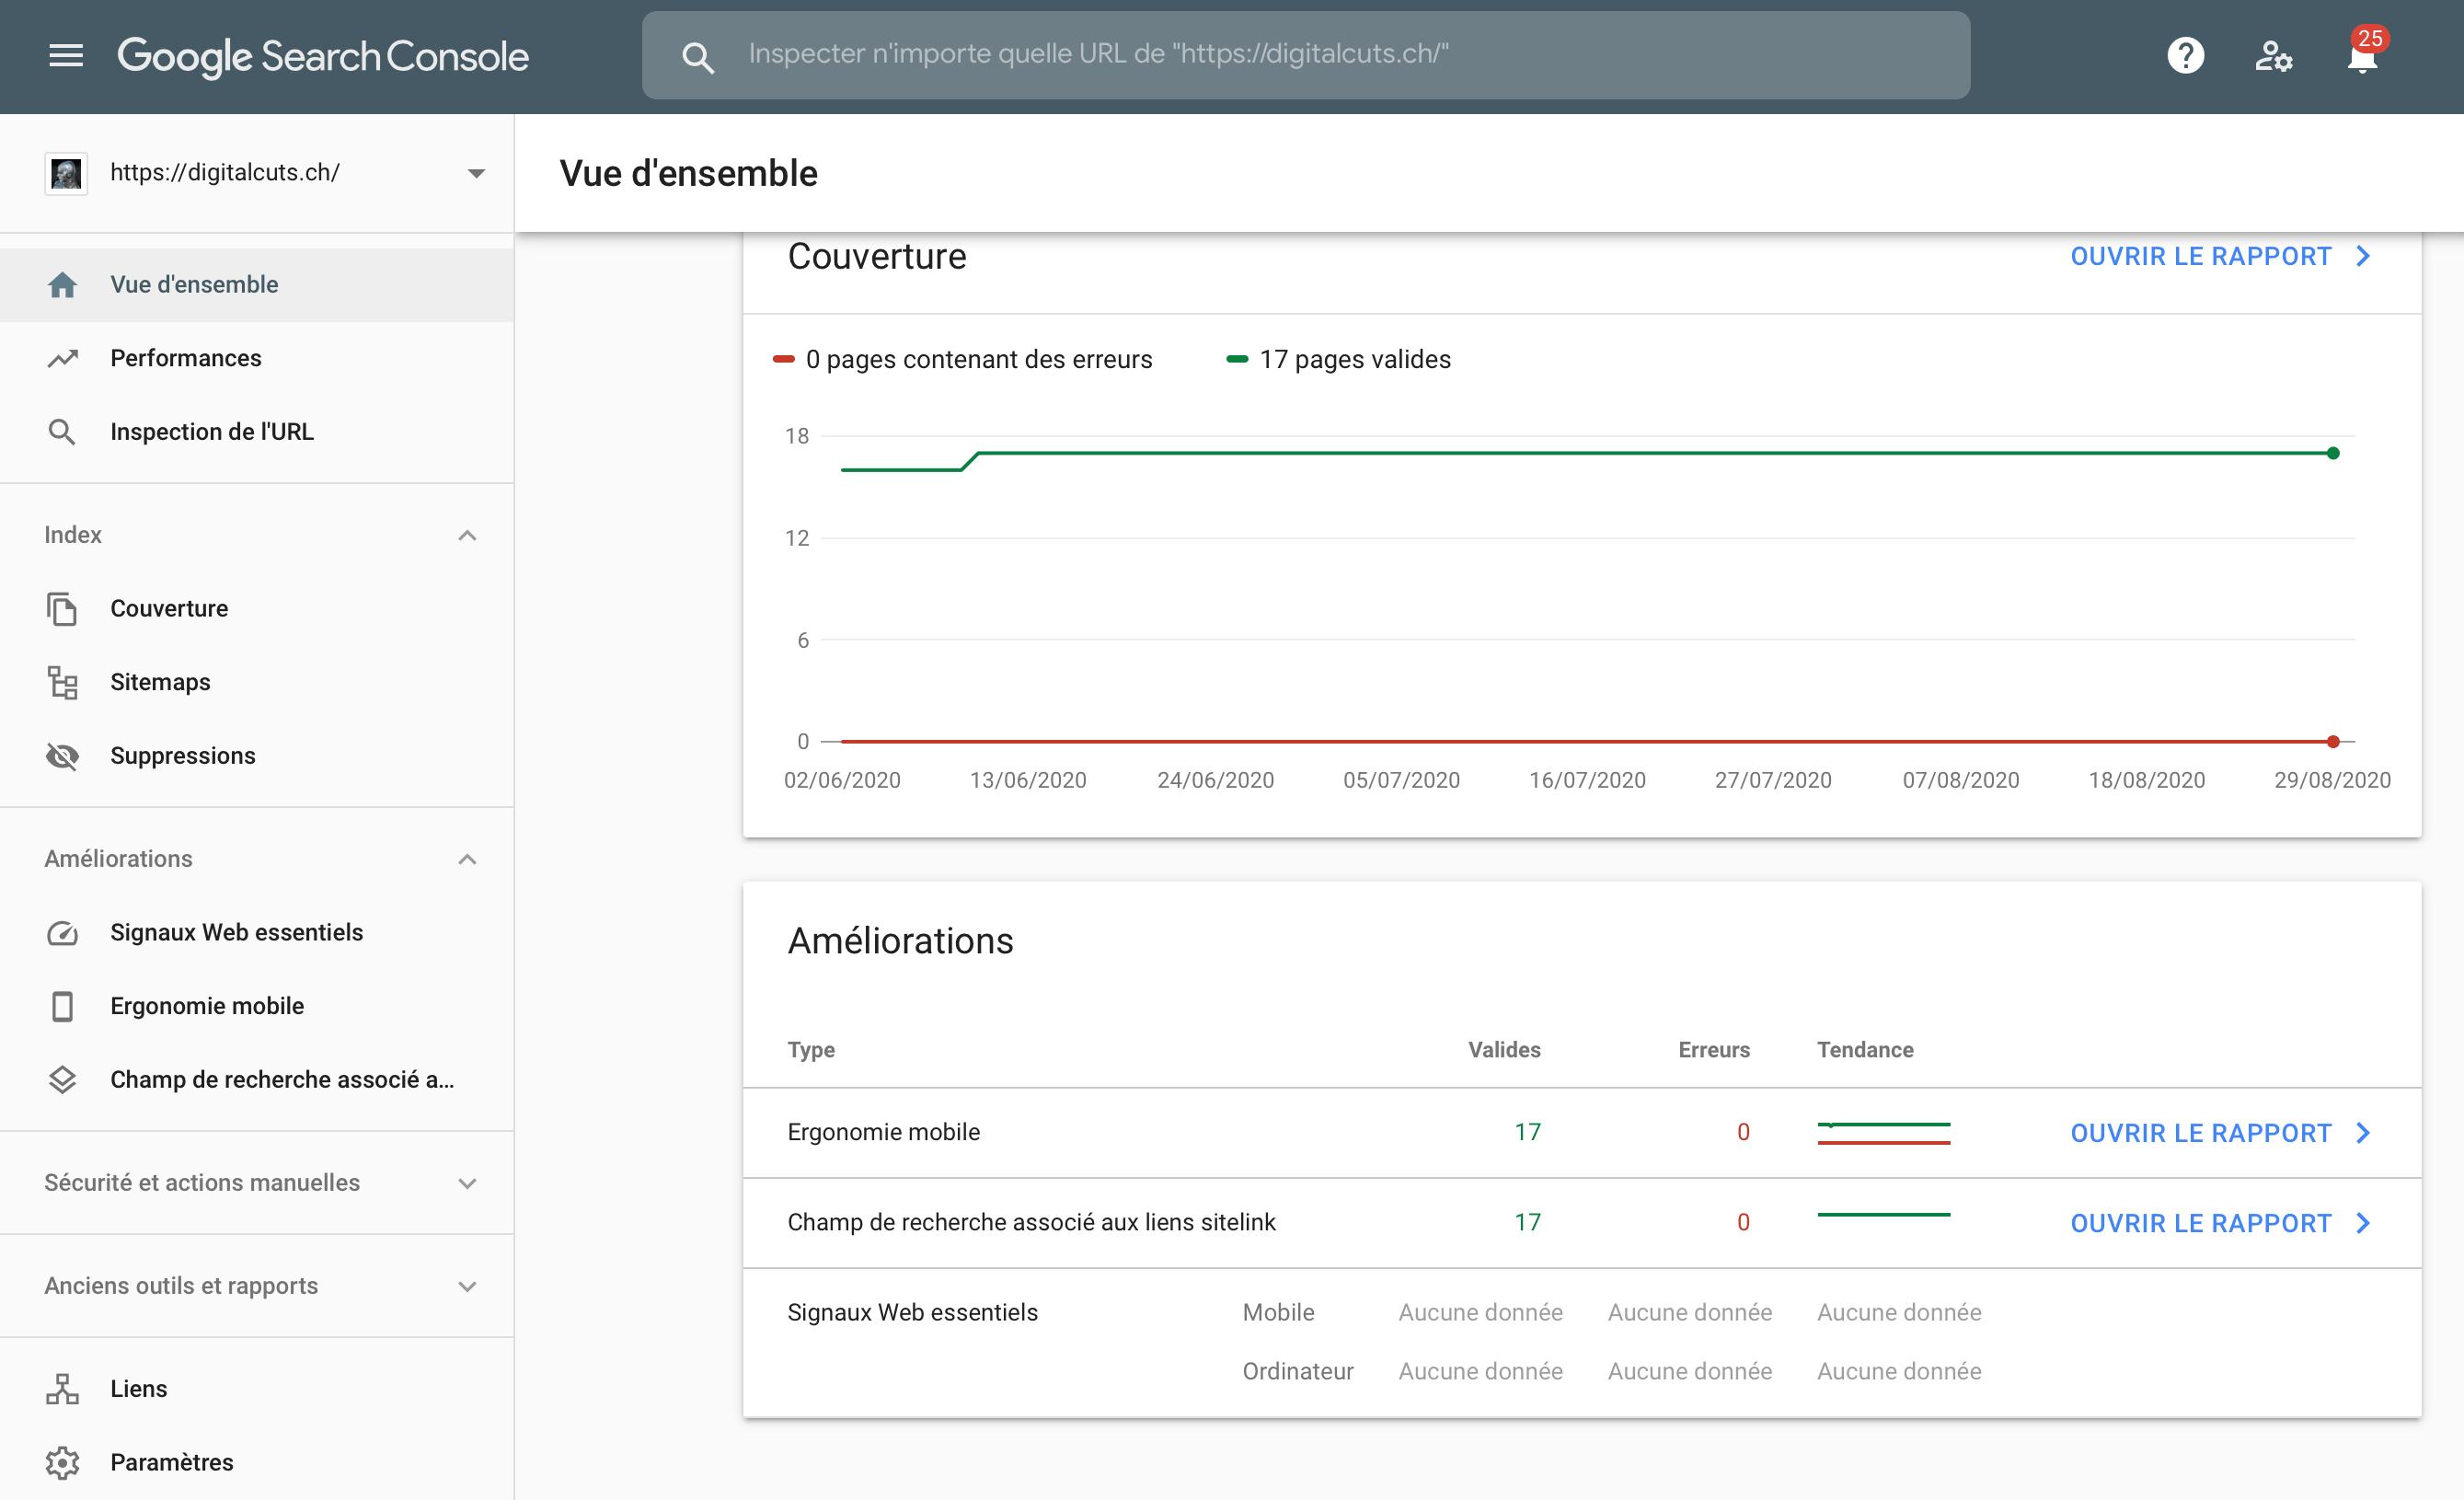 Les fonctionnalités de la Google Search Console